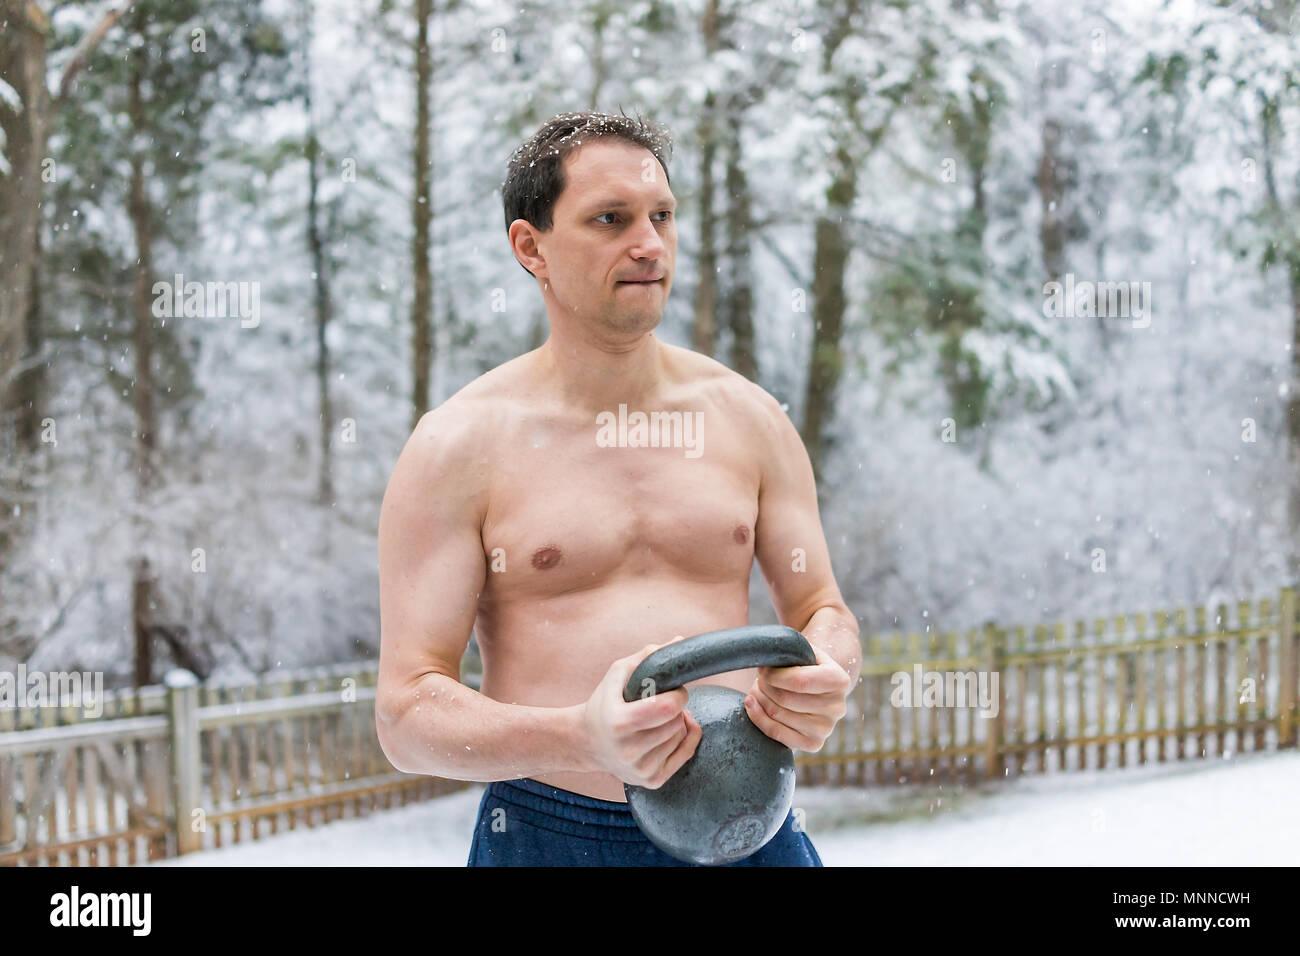 Jeune homme torse nu fit l'entraînement avec des kettlebell et muscles de l'extérieur l'extérieur du parc holding le levage de poids pendant l'hiver la neige Photo Stock